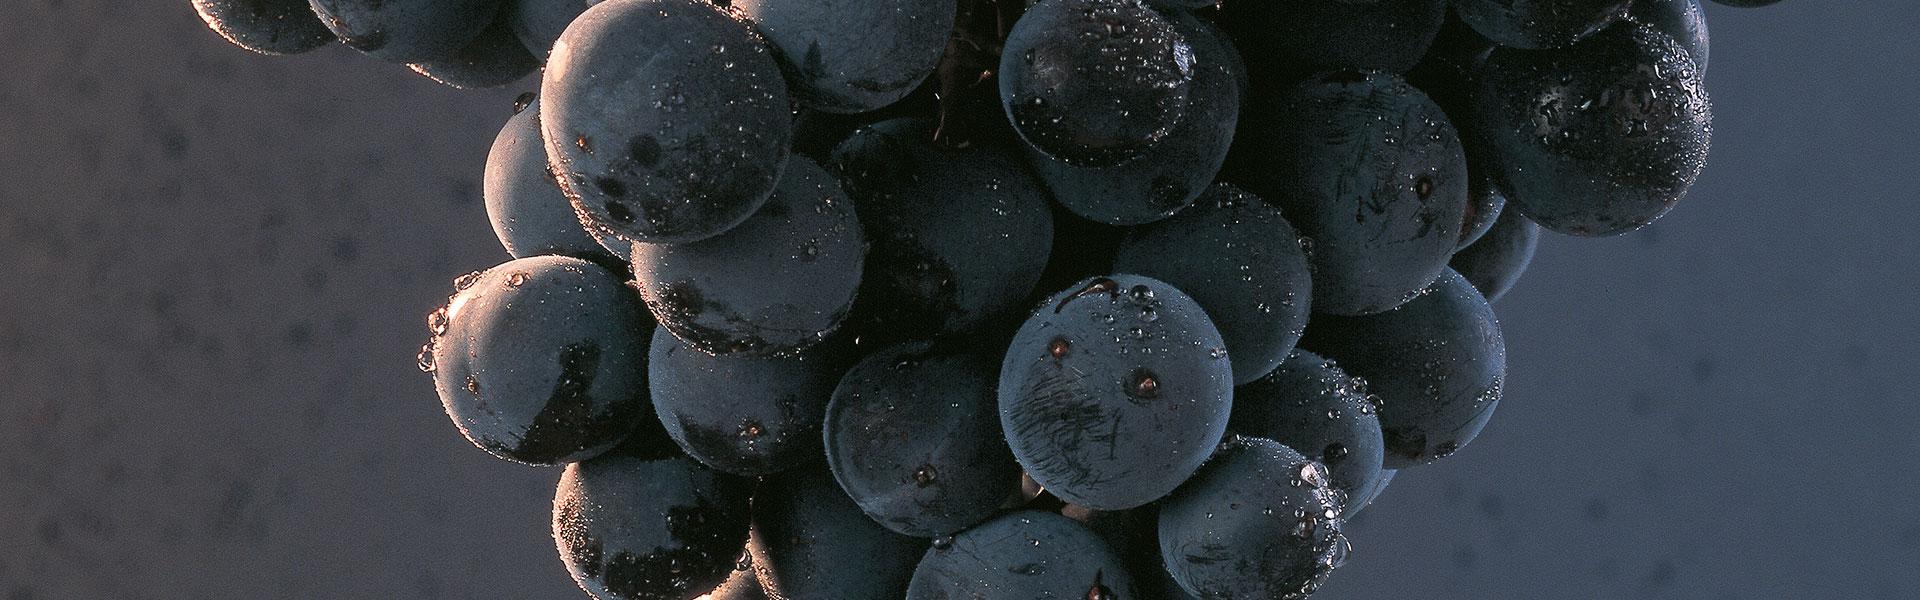 Bodegas Ondalán. Racimo de uvas